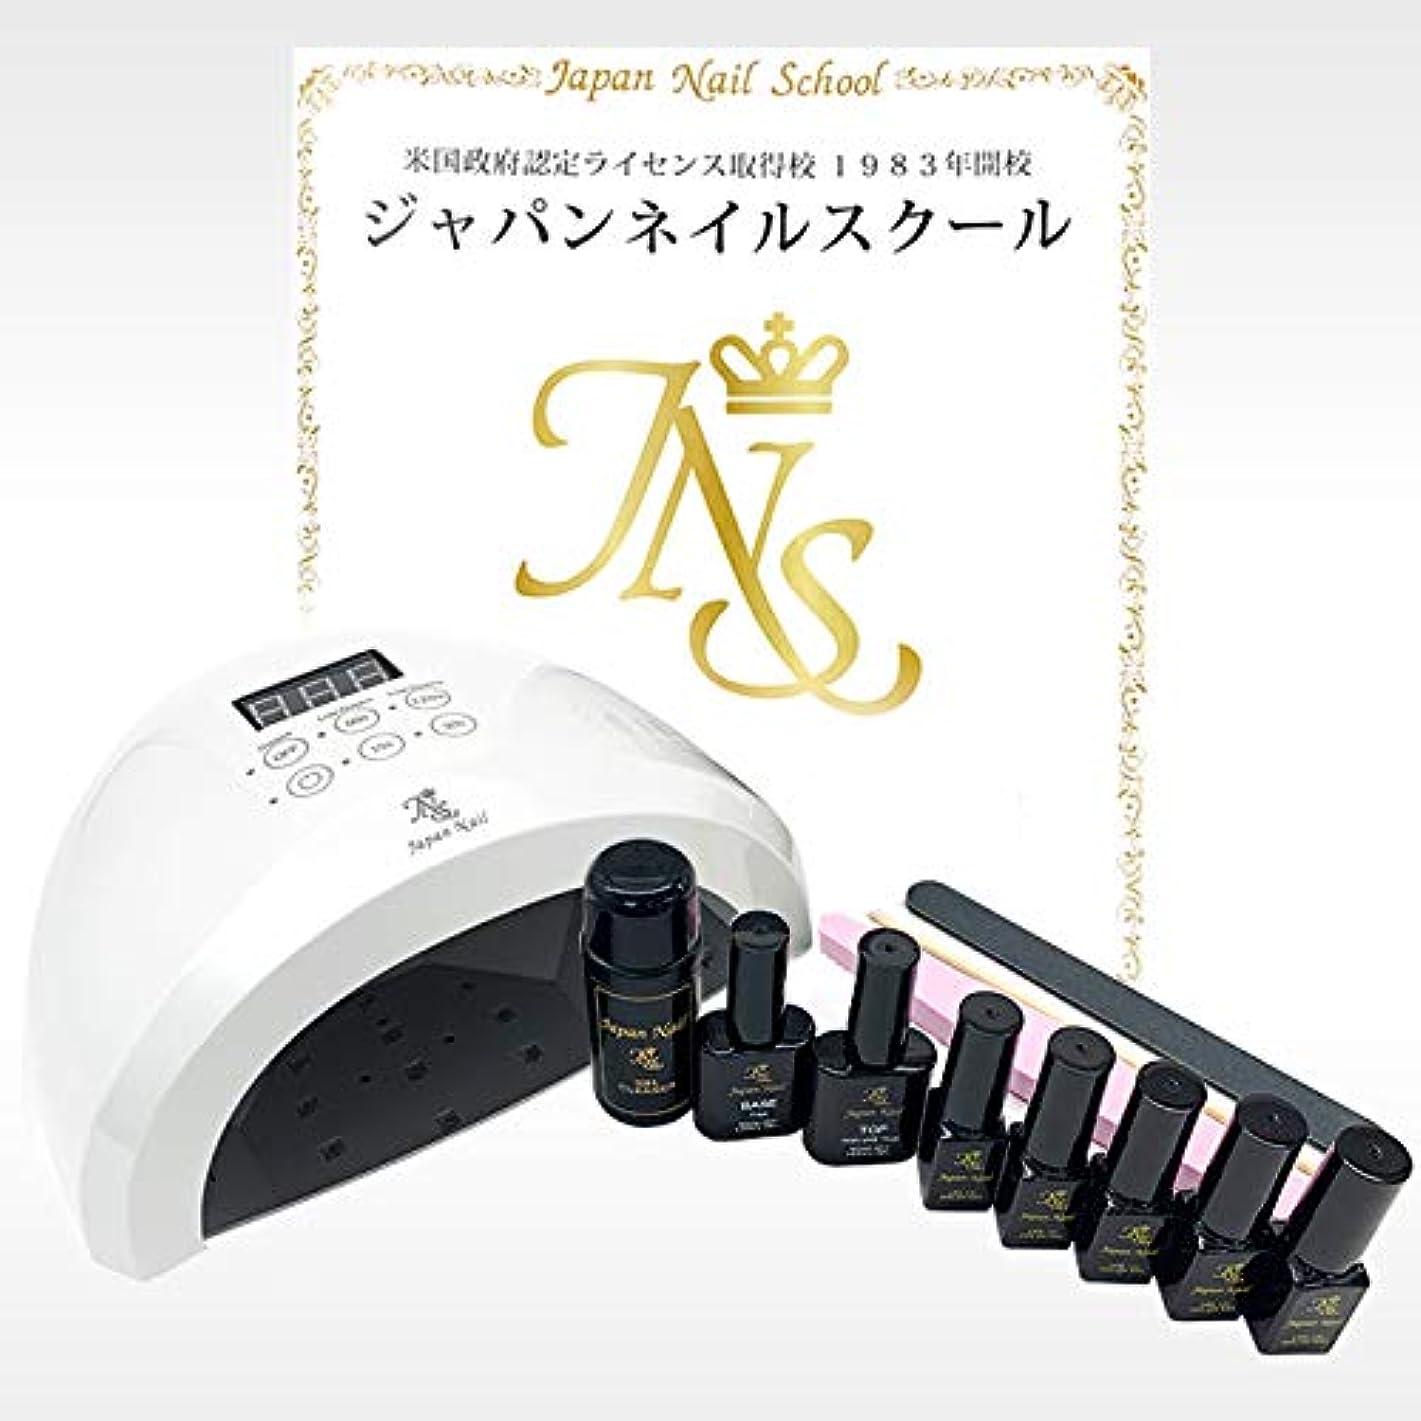 返済タイムリーなレキシコン日本製多機能LEDライト付属ジェルネイルキットn2世界初!弱爪?傷爪でもジェルネイルが楽しめる2つのローダウン機能搭載!初心者も安心の5年間サポート付